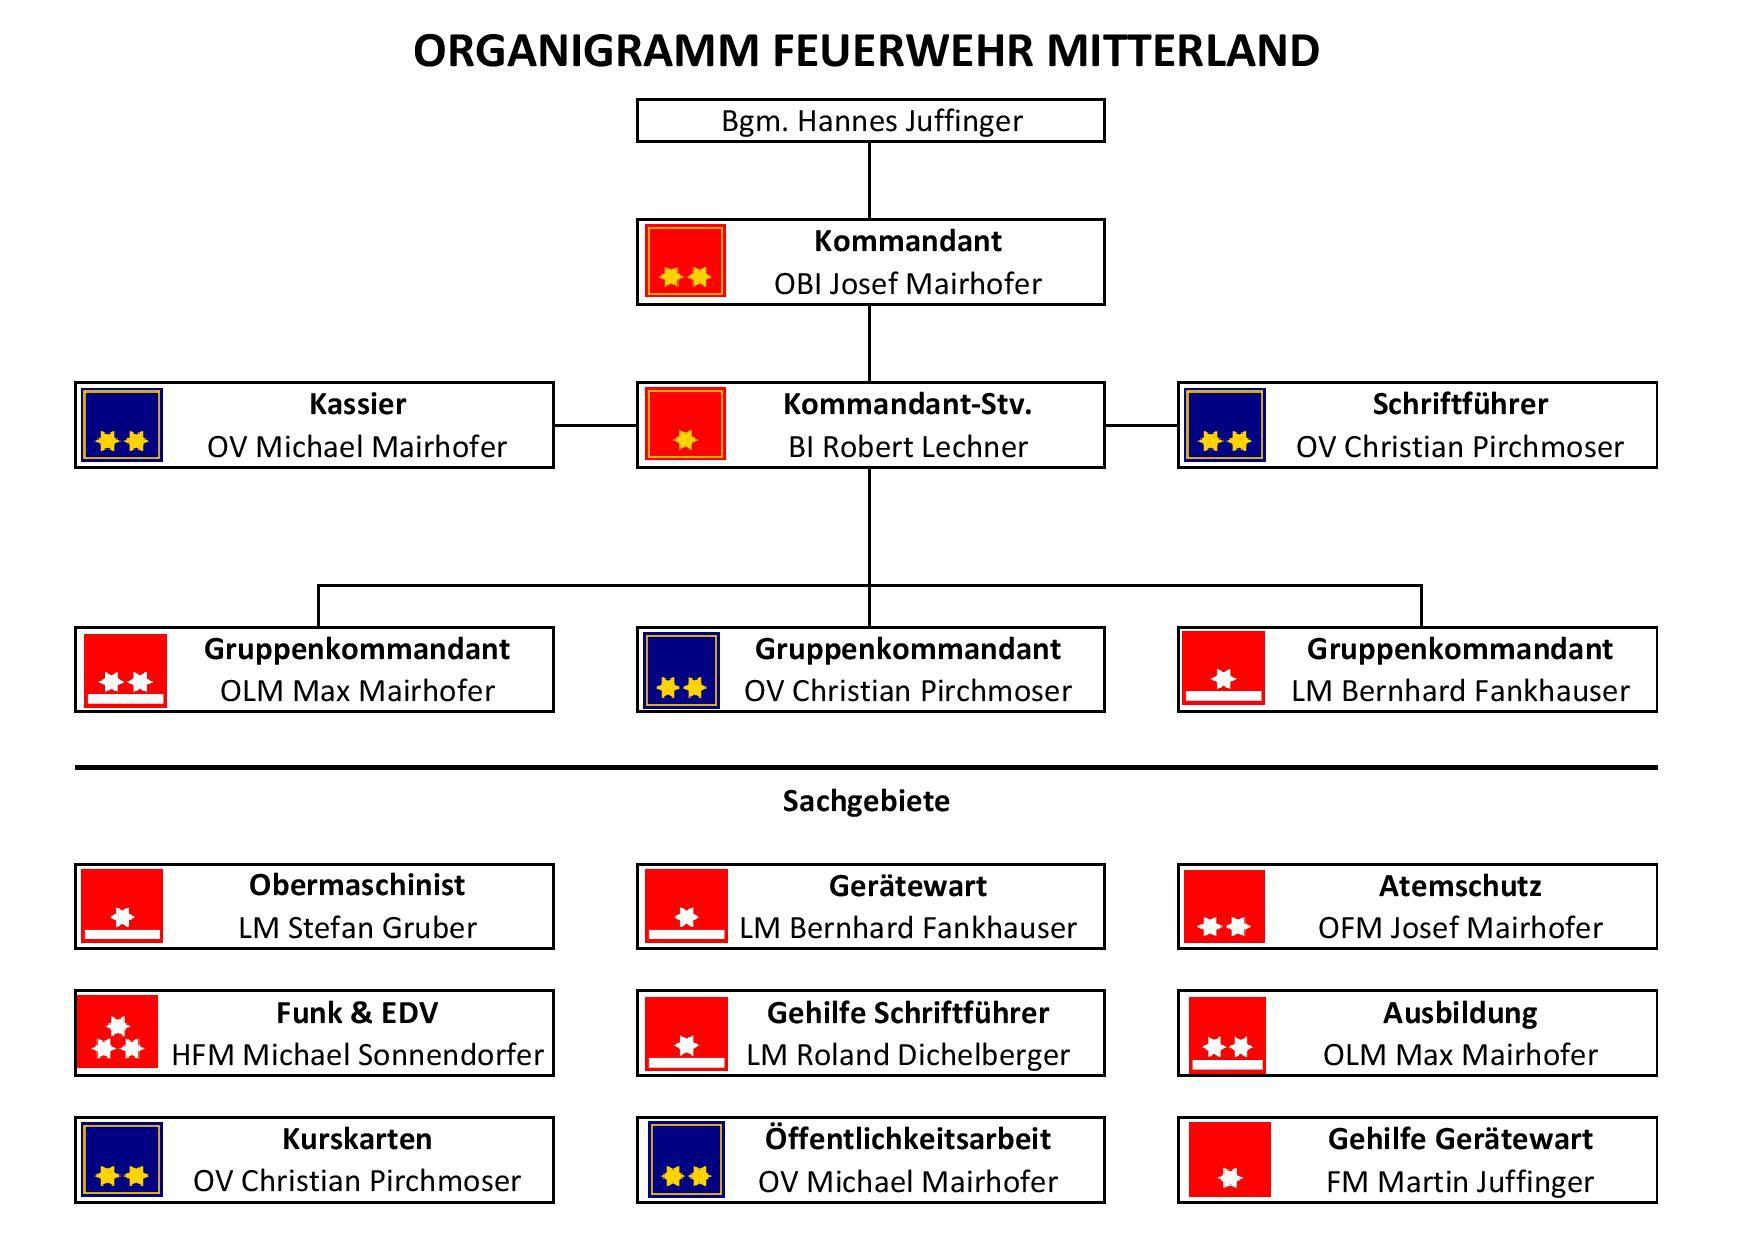 Organigramm FFM page 001